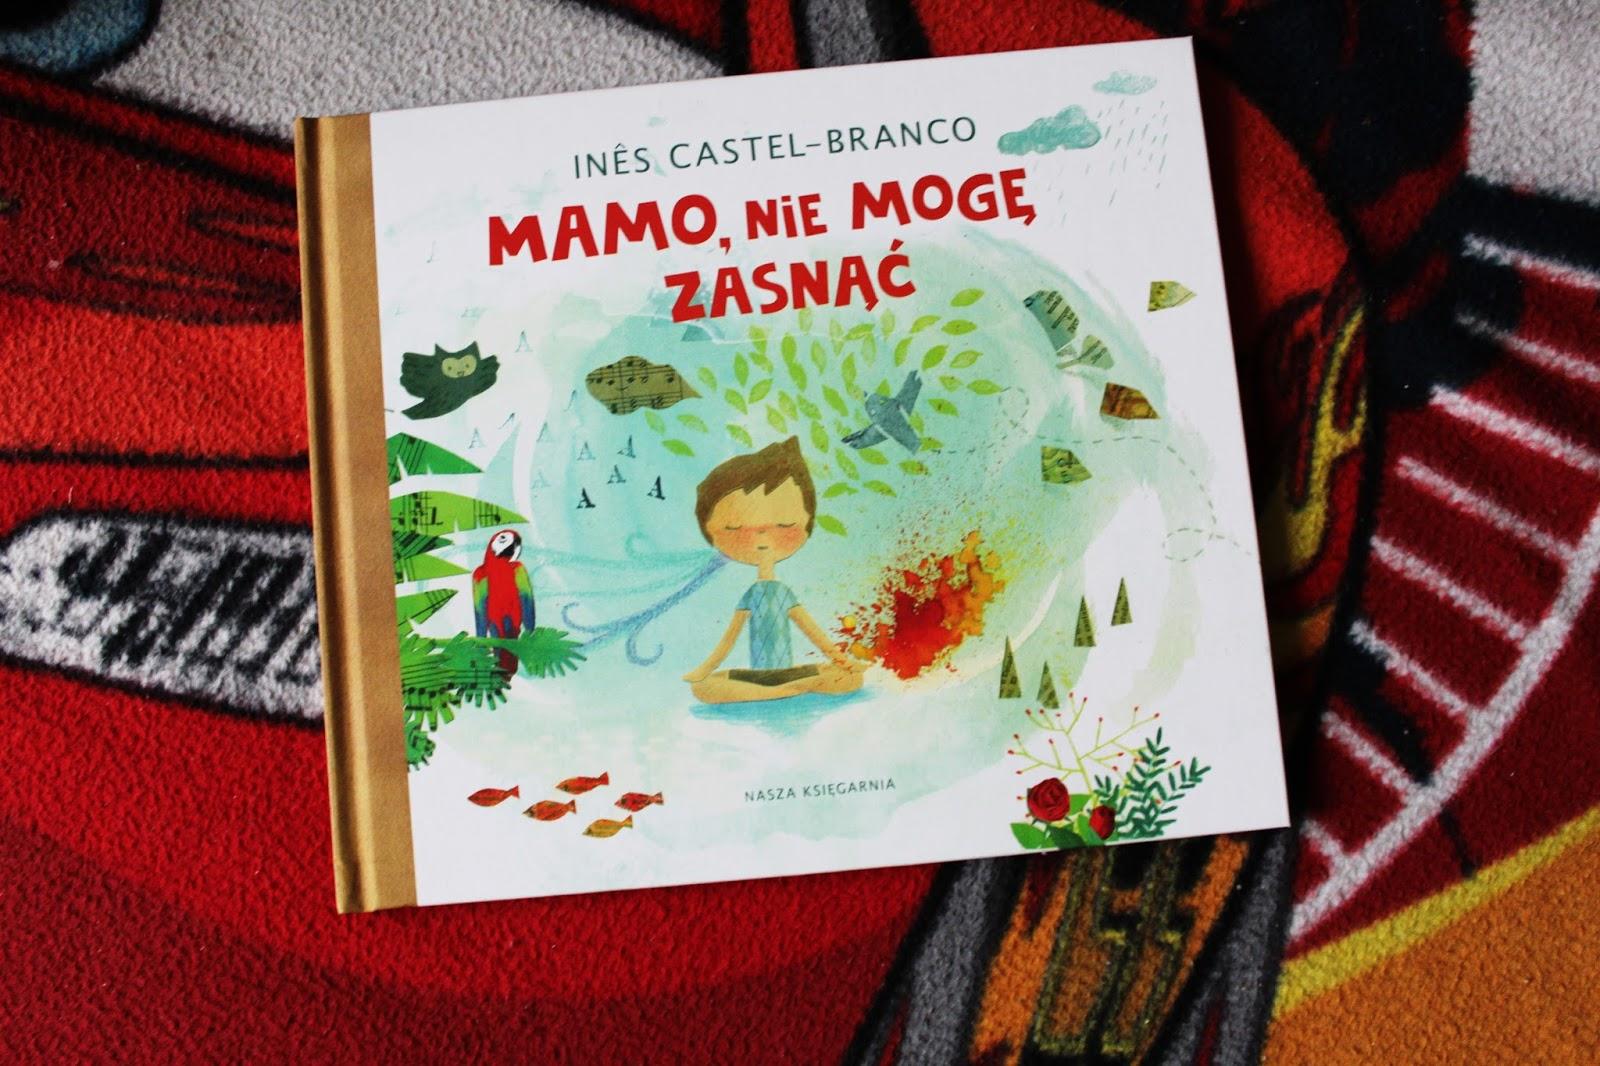 Ines Castel - Branco - Mamo, nie mogę zasnąć - WYDAWNICTWO NASZA KSIĘGARNIA